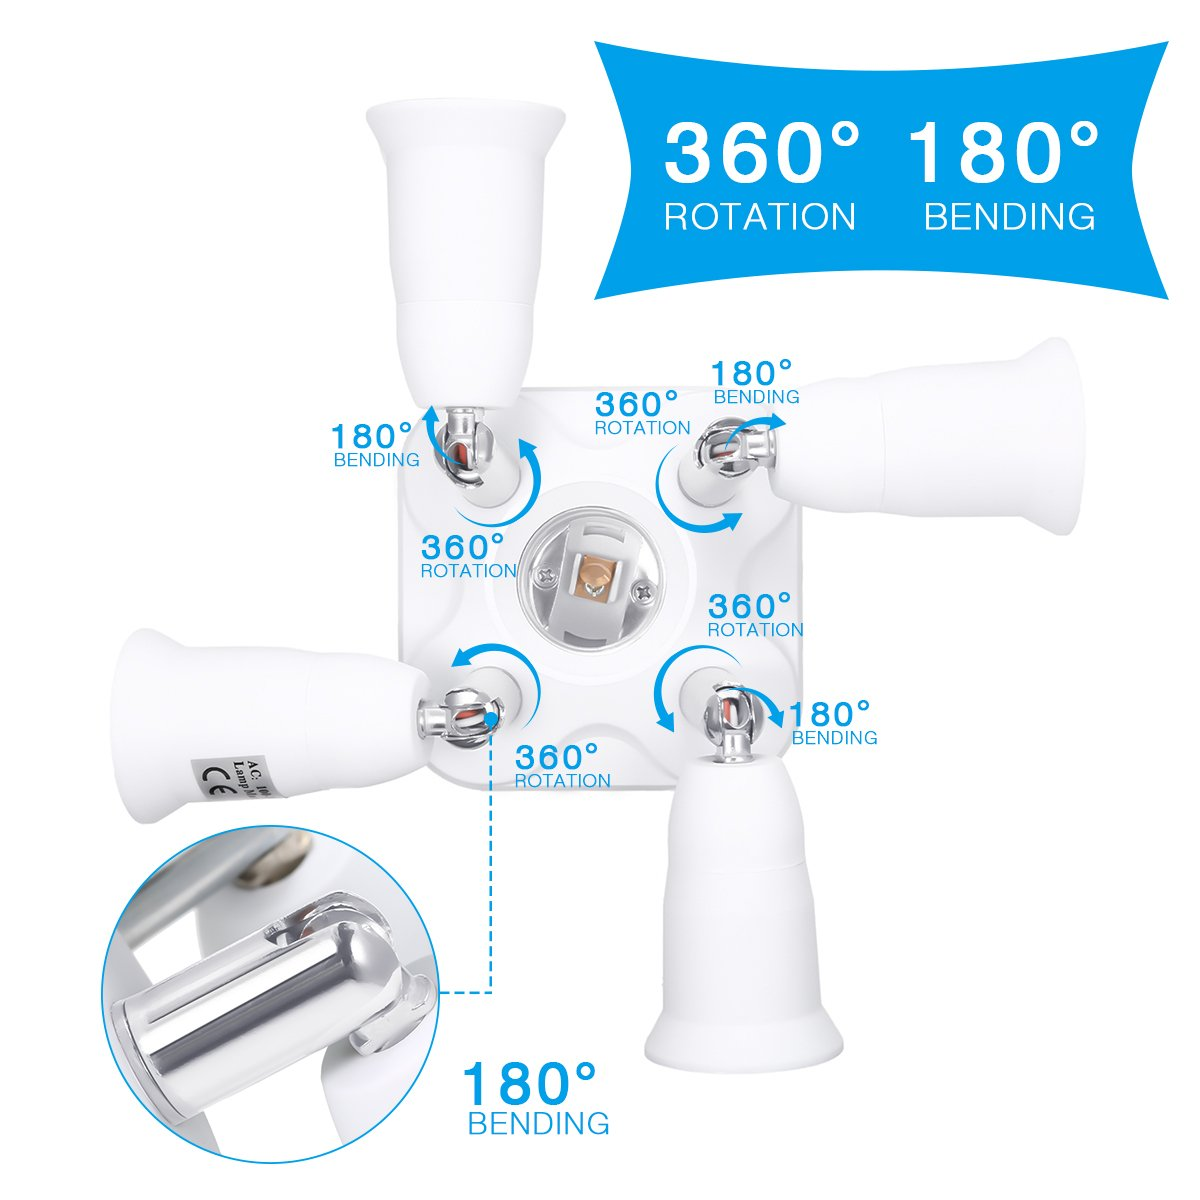 5 in 1 Light Socket Adapter KINGSO E26/E27 Splitter for Standard LED Bulbs Converter with 360 Degrees Adjustable 180 Degree Bending 110-240V 200℃ Heat Resistant No Fire Hazard by KINGSO (Image #3)